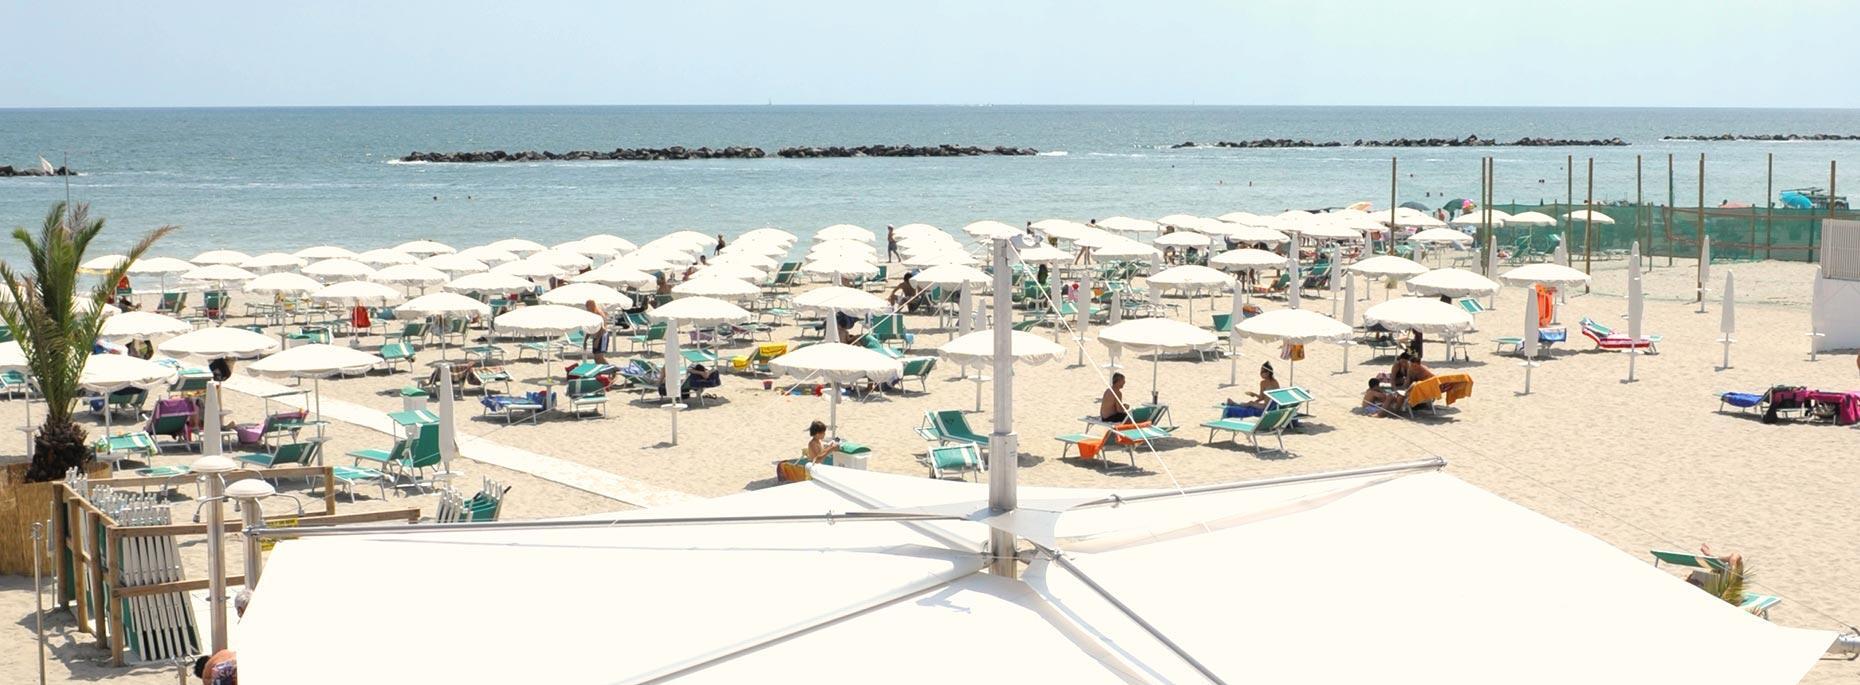 playadoradaresidence en beach 005